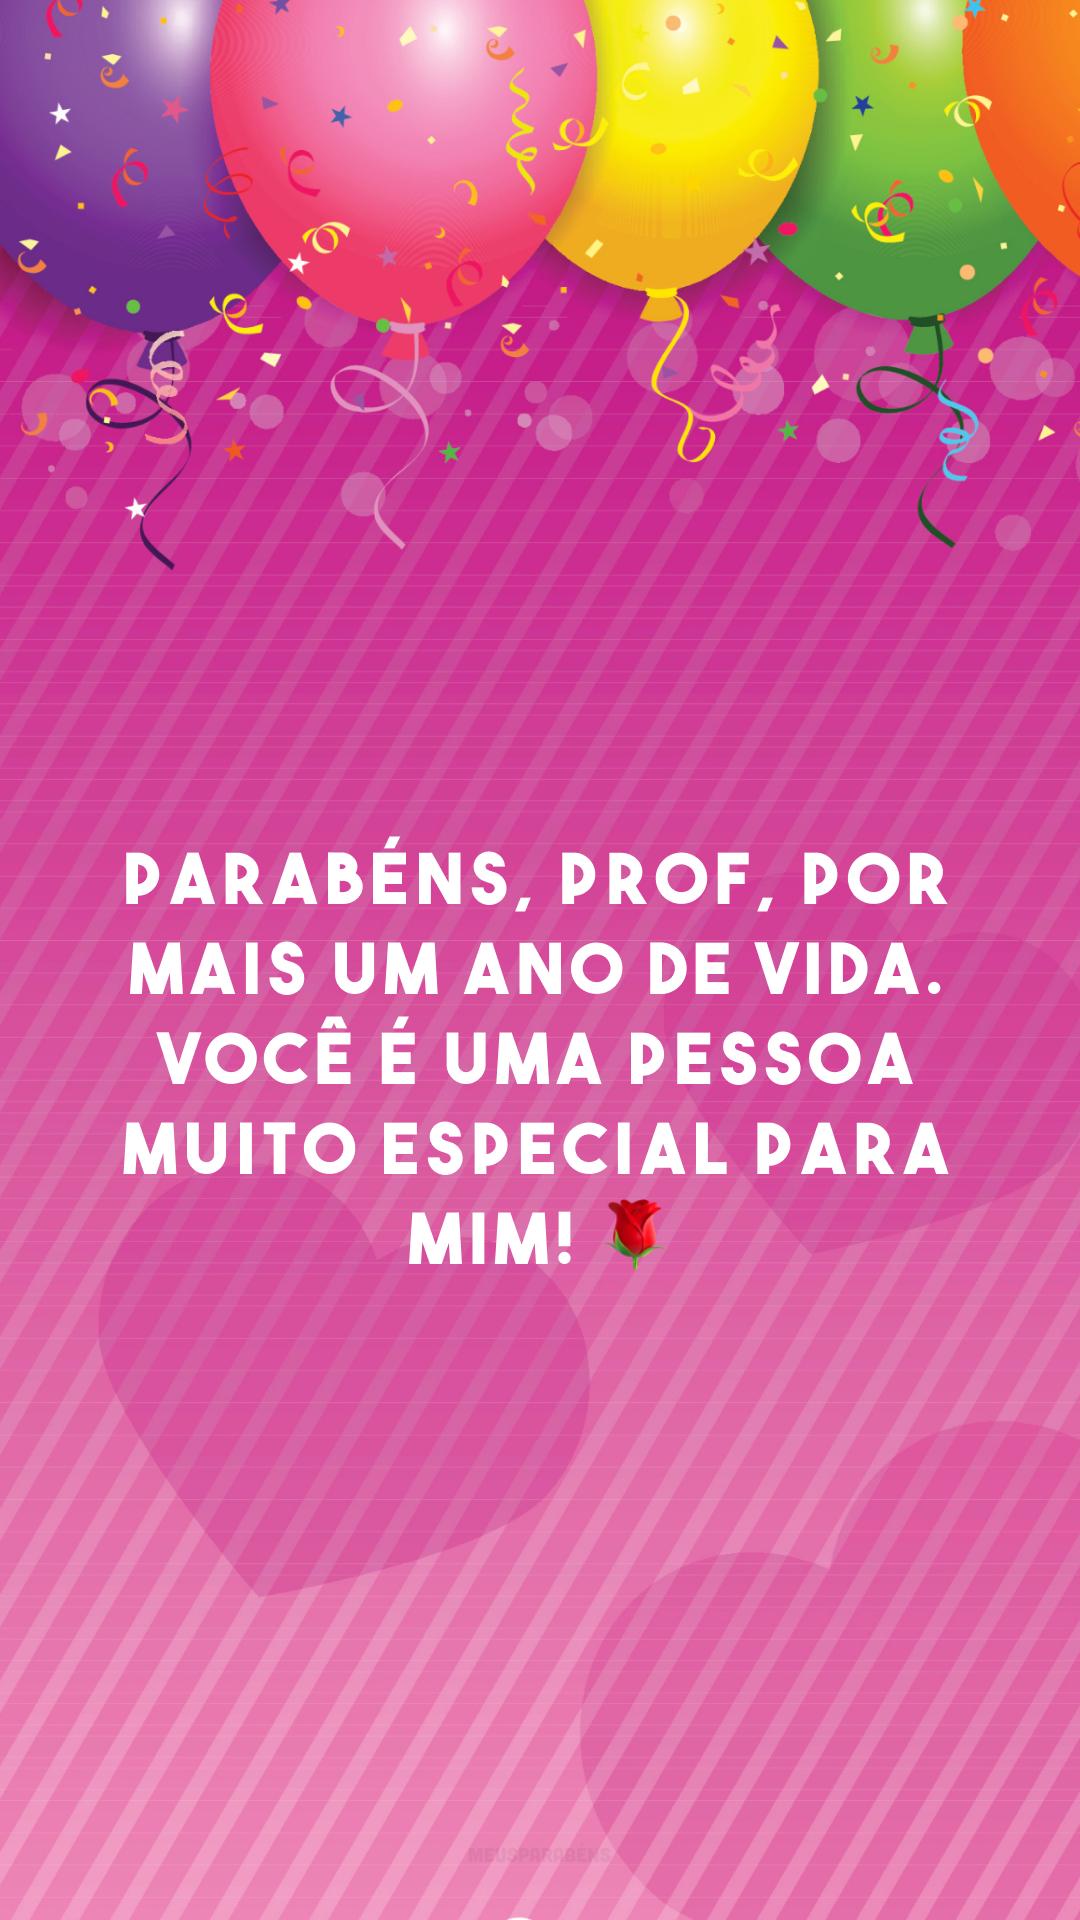 Parabéns, prof, por mais um ano de vida. Você é uma pessoa muito especial para mim! 🌹